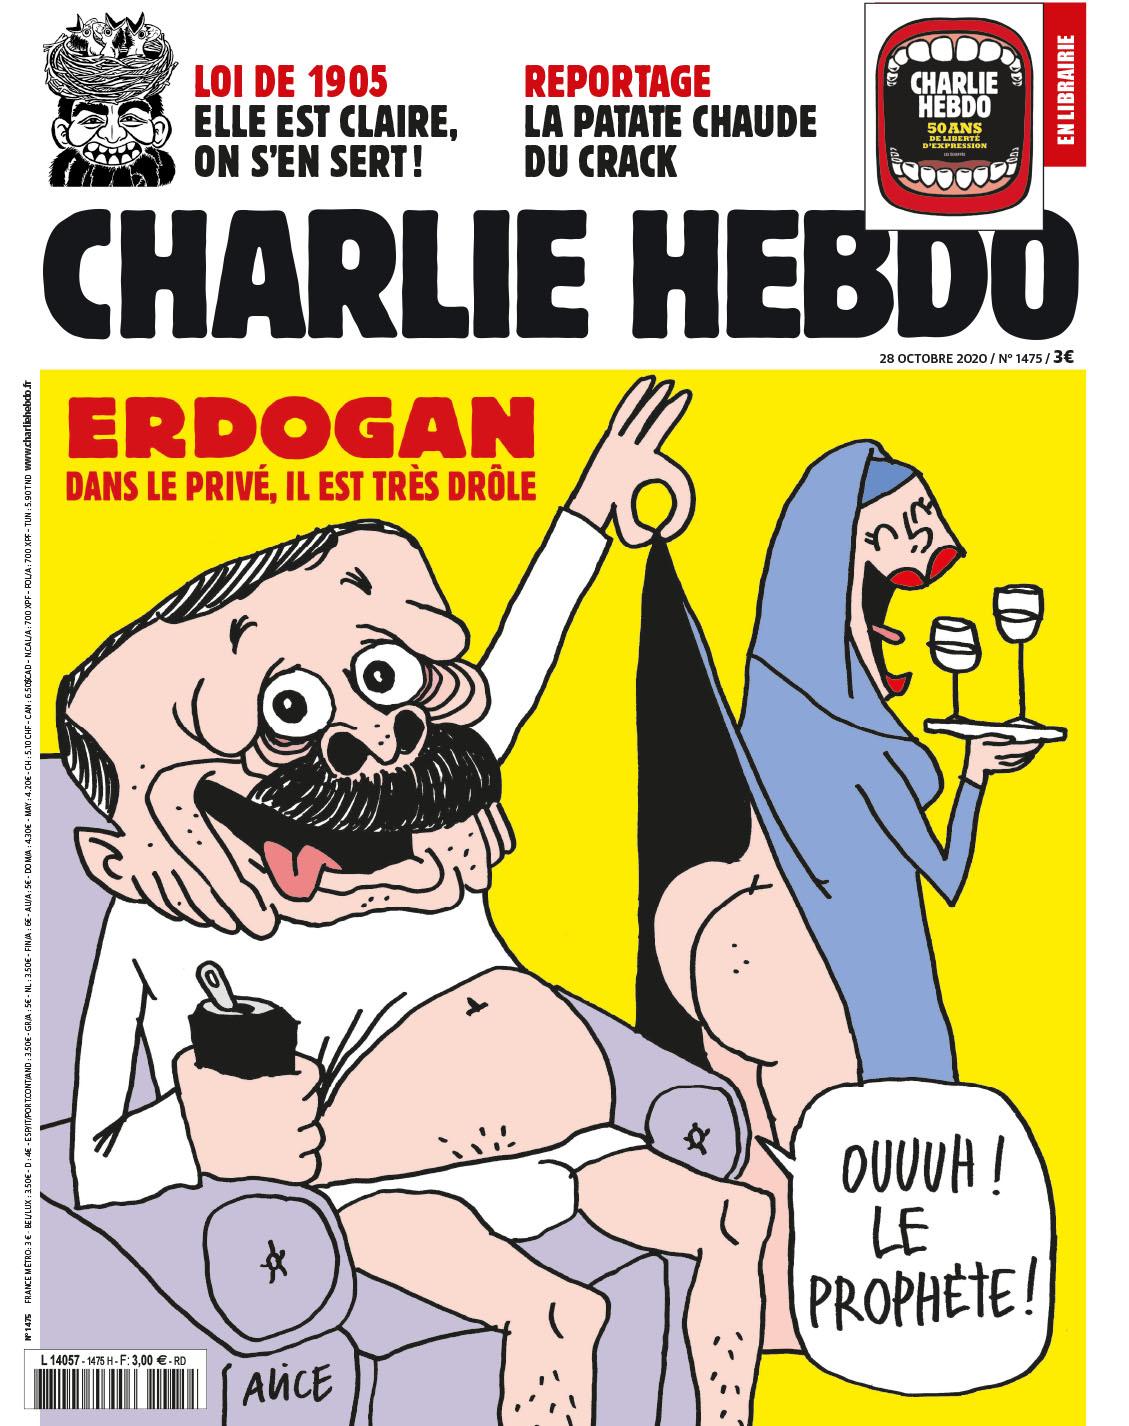 Το νέο πρωτοσέλιδο του Charlie Hebdo με τον Ρετζέπ Ταγίπ Ερντογάν